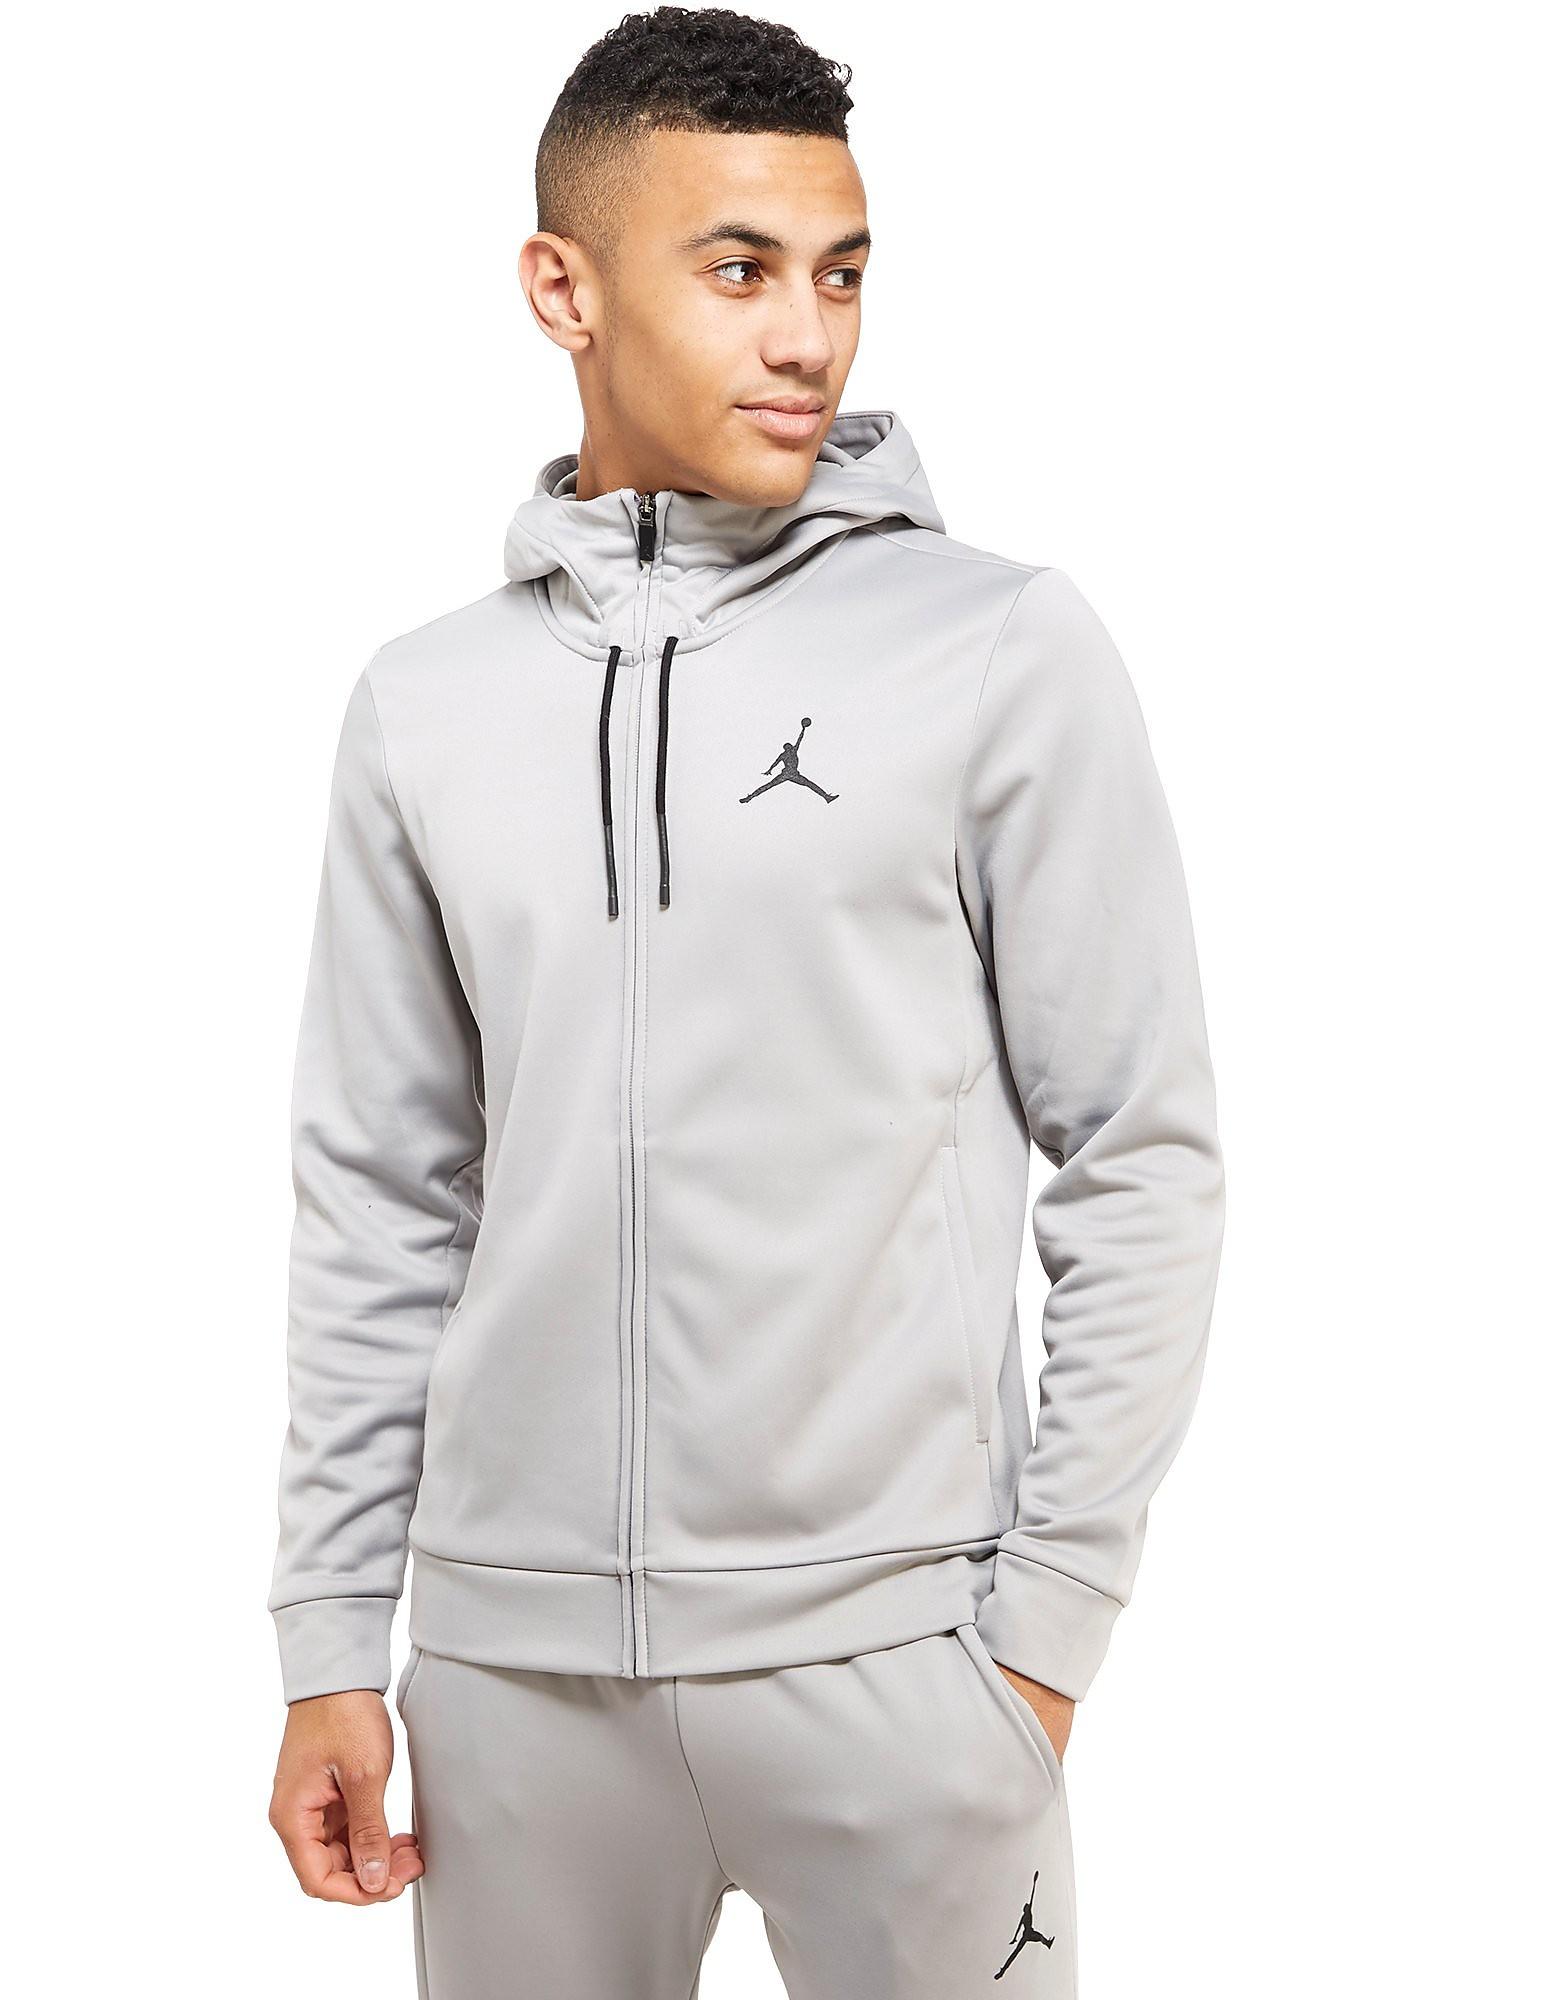 Jordan Veste à capuche Therma 23 Protect